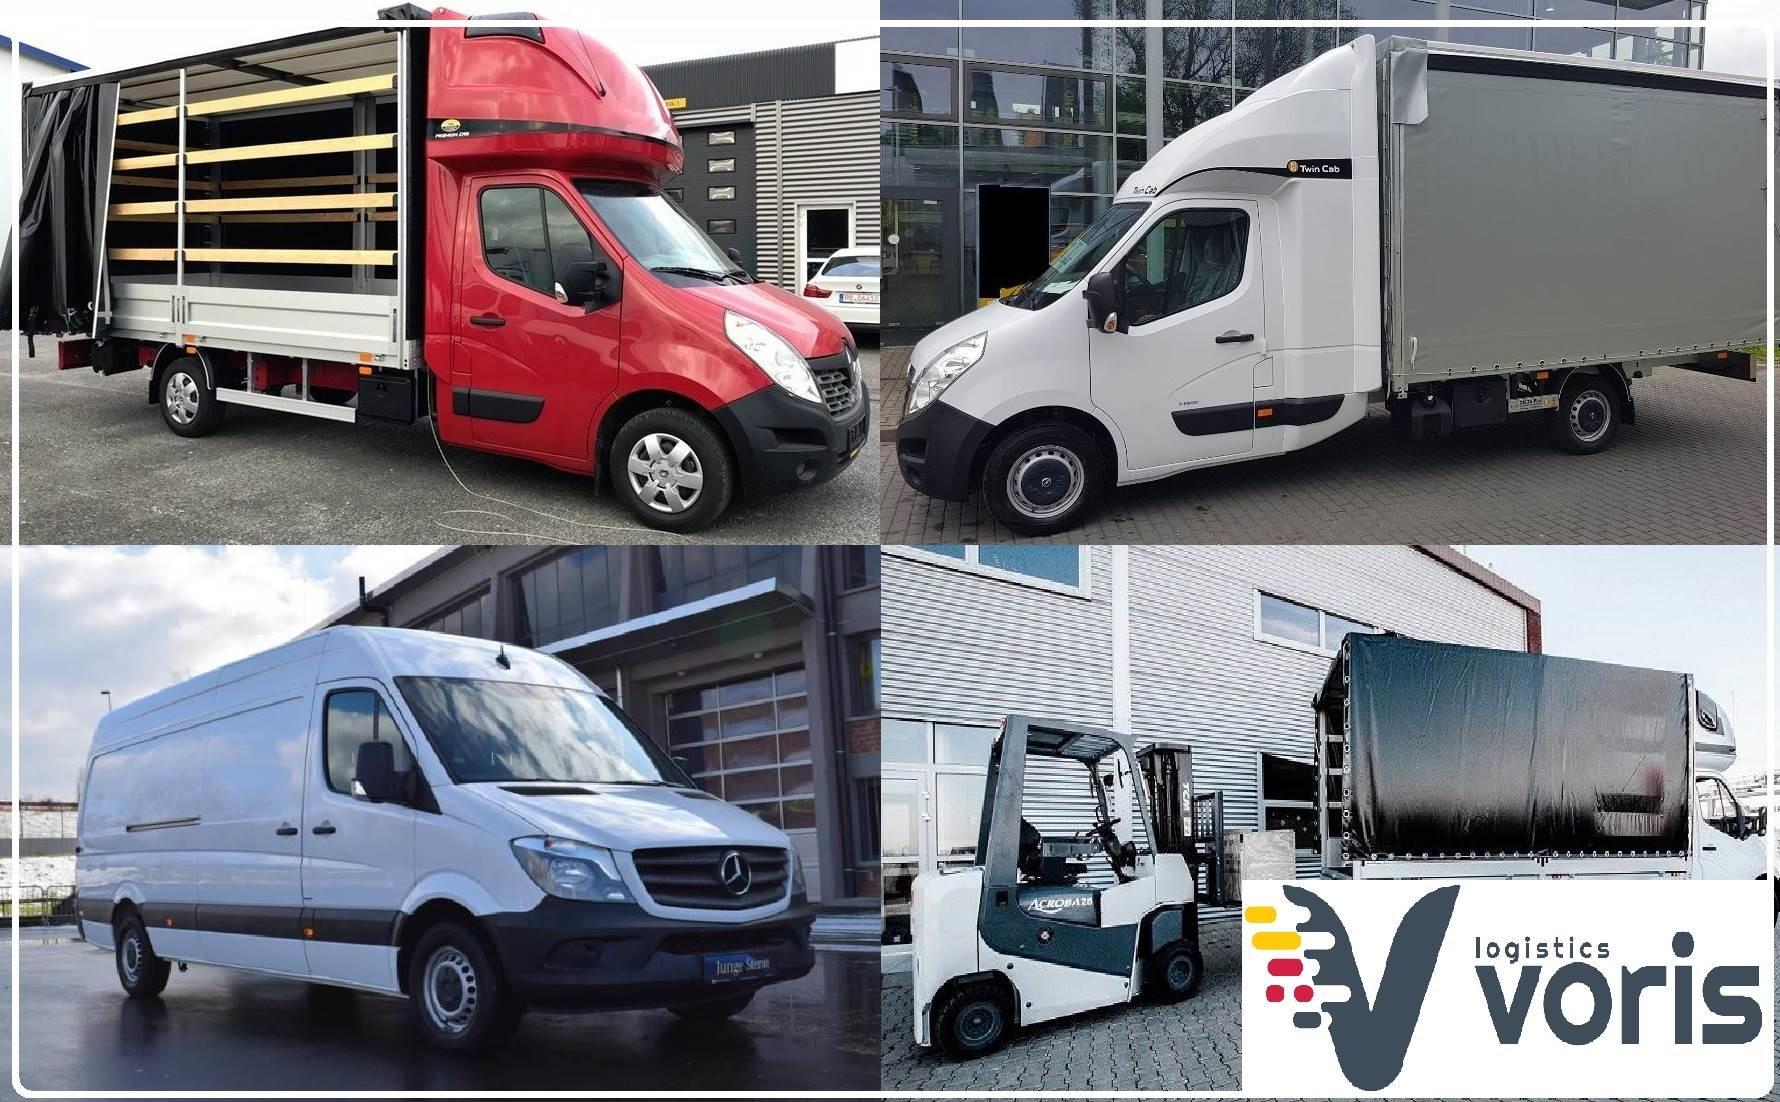 Siuntų, krovinių, dalių pervežimo paslaugos Dirbame ilgiausiais ir aukčiausiais mikroautobusais iki 3,5 t. Teikiame visas transpotavimo paslaugas.  Kr